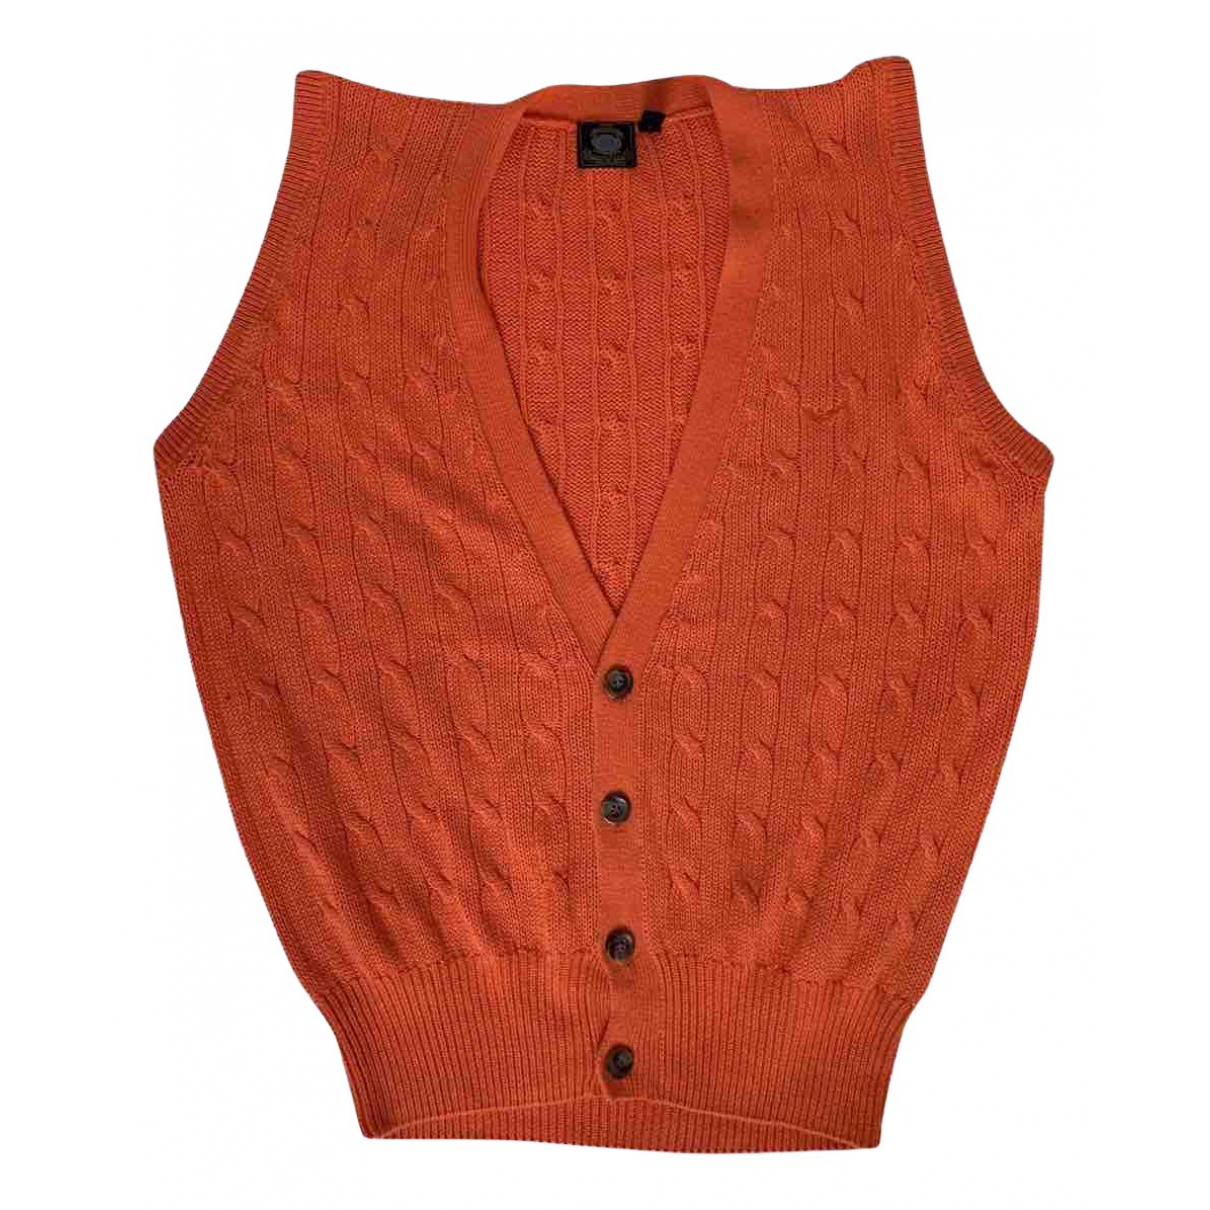 Emporio Armani - Pulls.Gilets.Sweats   pour homme en coton - orange